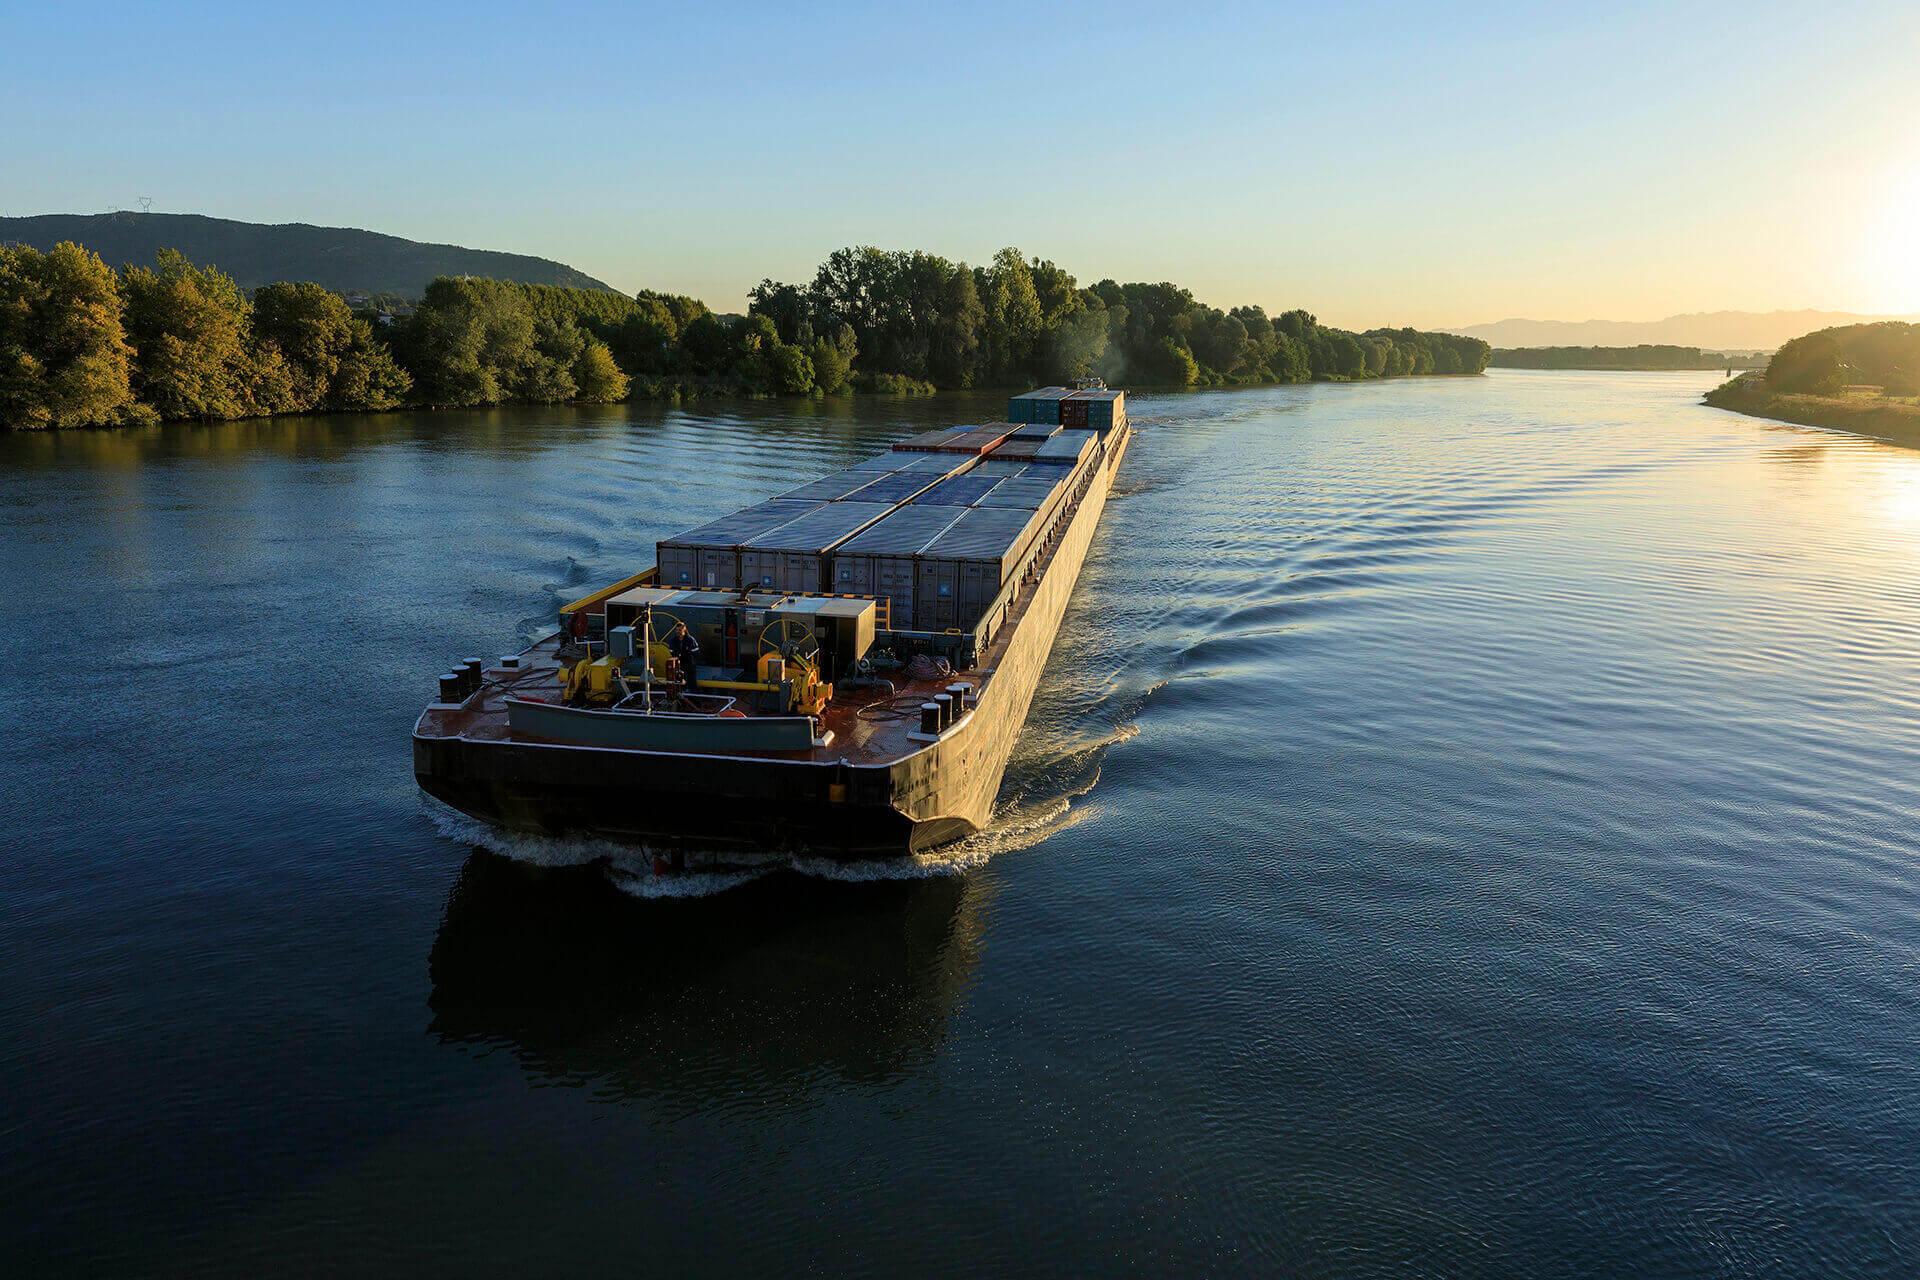 Le fleuve Rhône, Km 570 Ardèche, La Voulte-sur-Rhône